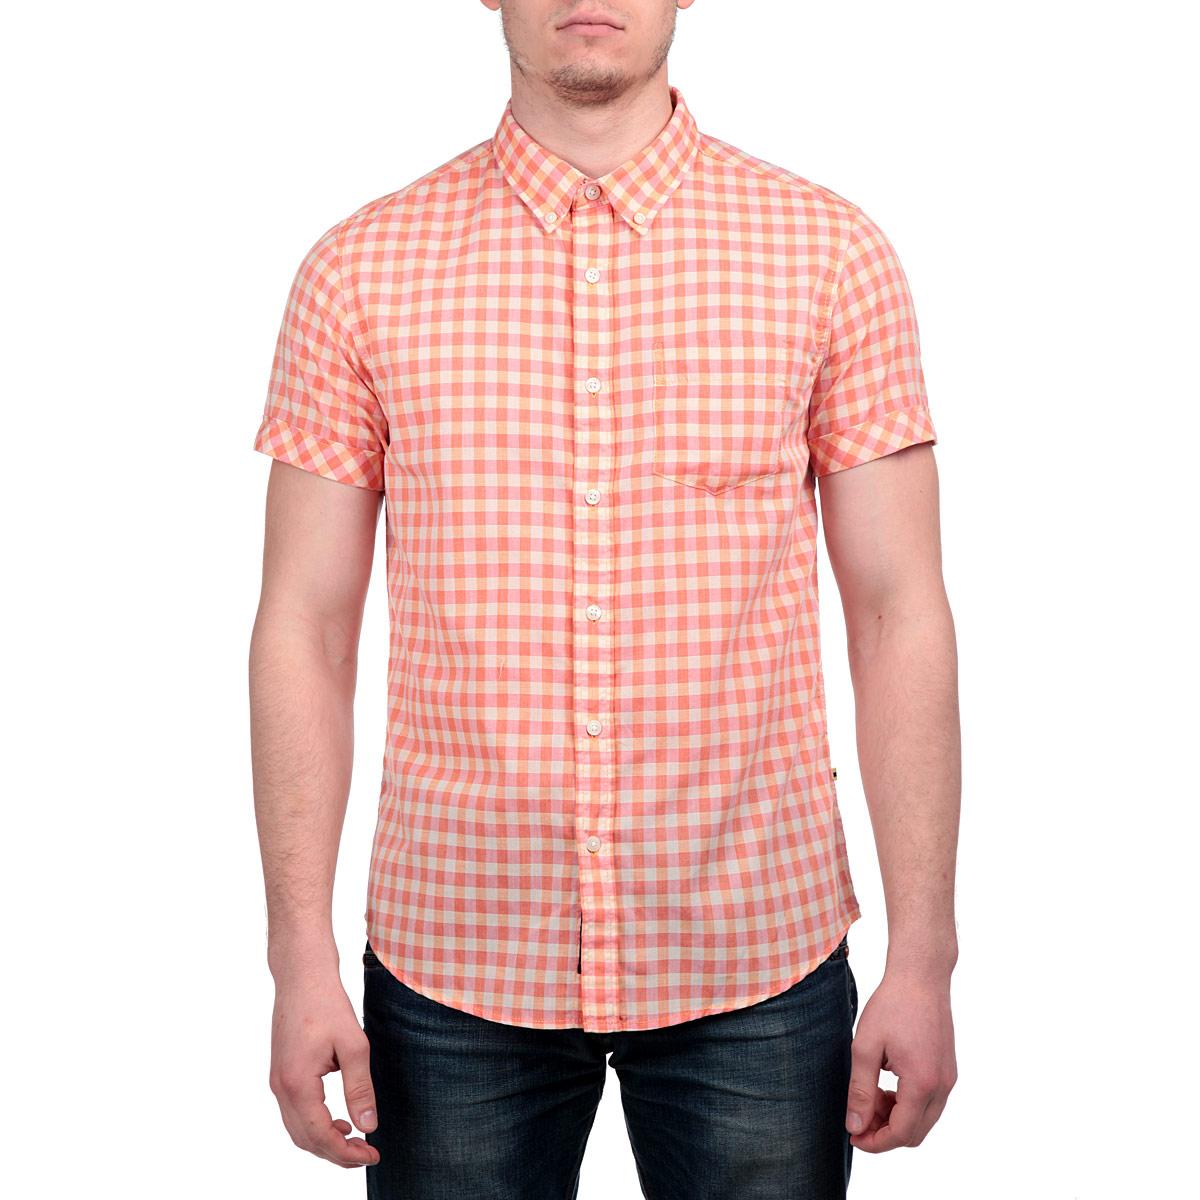 Рубашка мужская. 1015278010152780 37AСтильная мужская рубашка Broadway, изготовленная из высококачественного материала, необычайно мягкая и приятная на ощупь, не сковывает движения и позволяет коже дышать, не раздражает даже самую нежную и чувствительную кожу, обеспечивая наибольший комфорт. Модная рубашка прямого кроя, с короткими рукавами, отложным воротником и полукруглым низом застегивается на пуговицы. На груди изделие дополнено накладным карманом. Эта рубашка идеальный вариант для повседневного гардероба. Такая модель порадует настоящих ценителей комфорта и практичности!